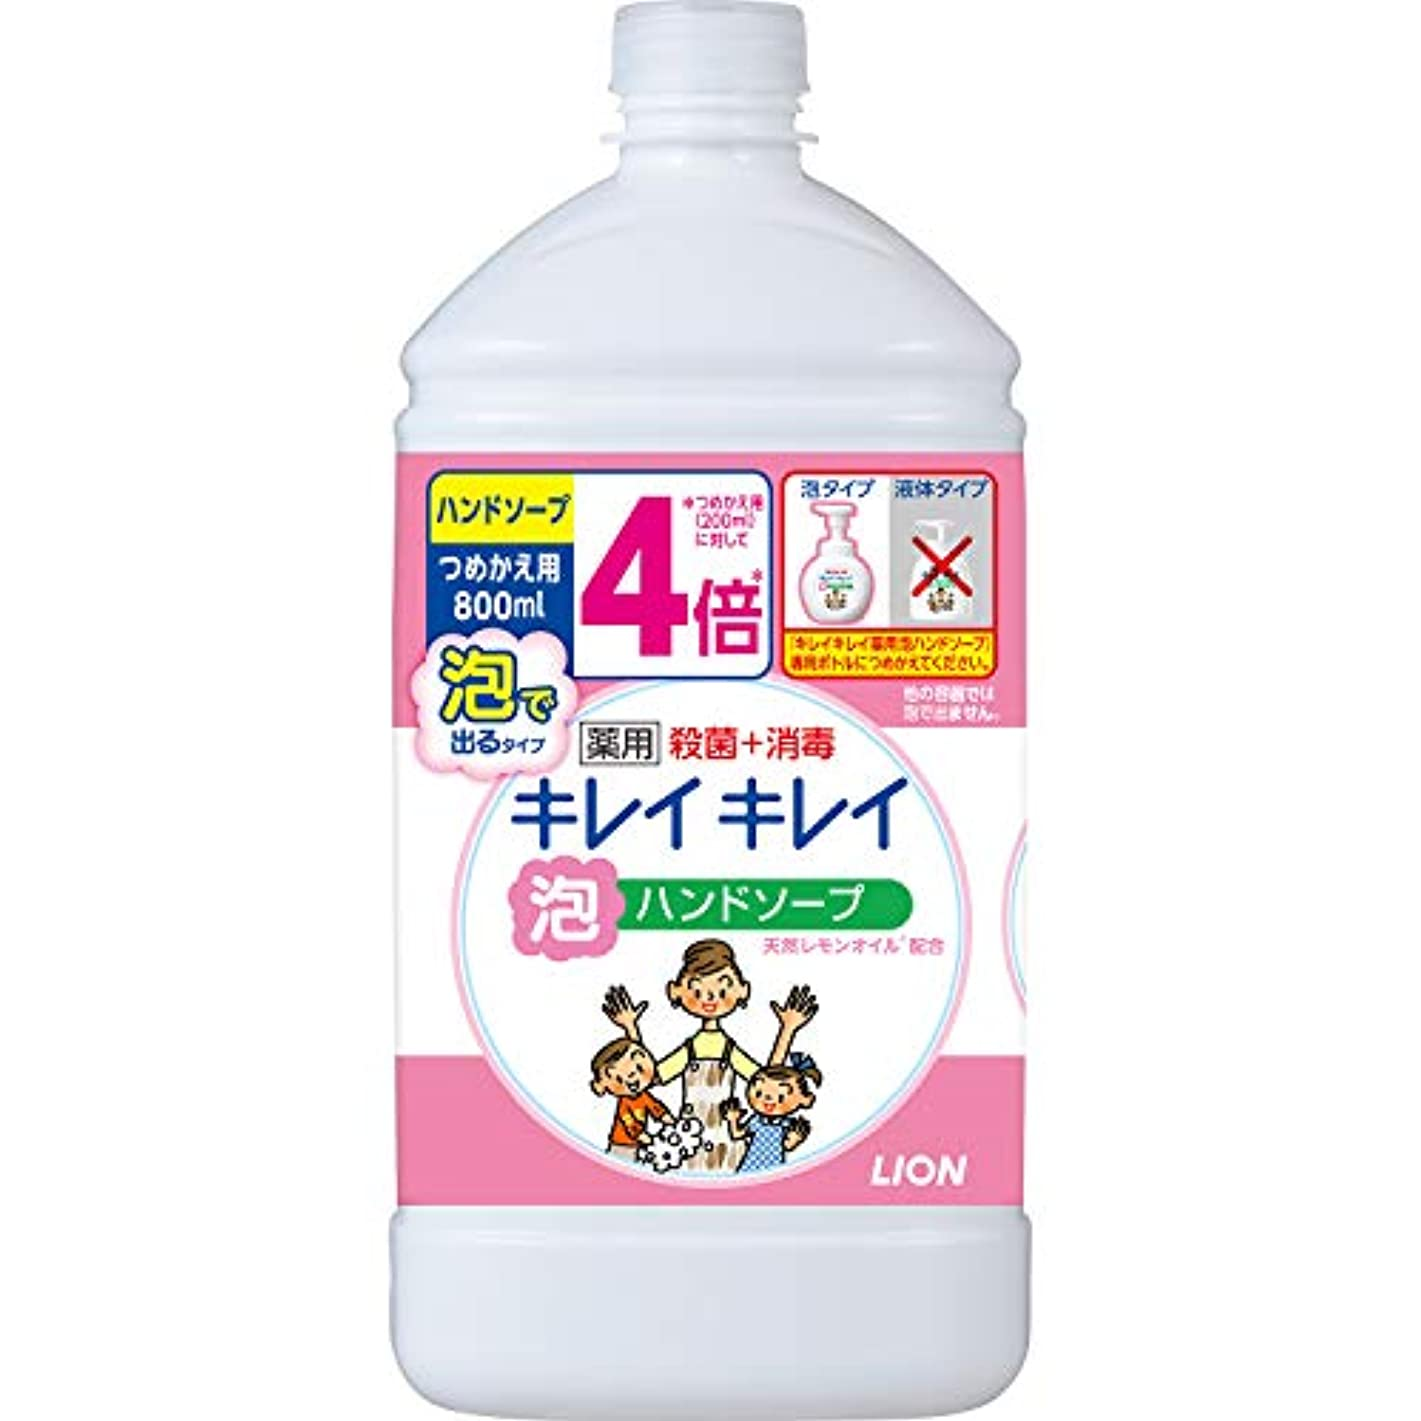 でかんがい安全な(医薬部外品)【大容量】キレイキレイ 薬用 泡ハンドソープ シトラスフルーティの香り 詰替特大 800ml